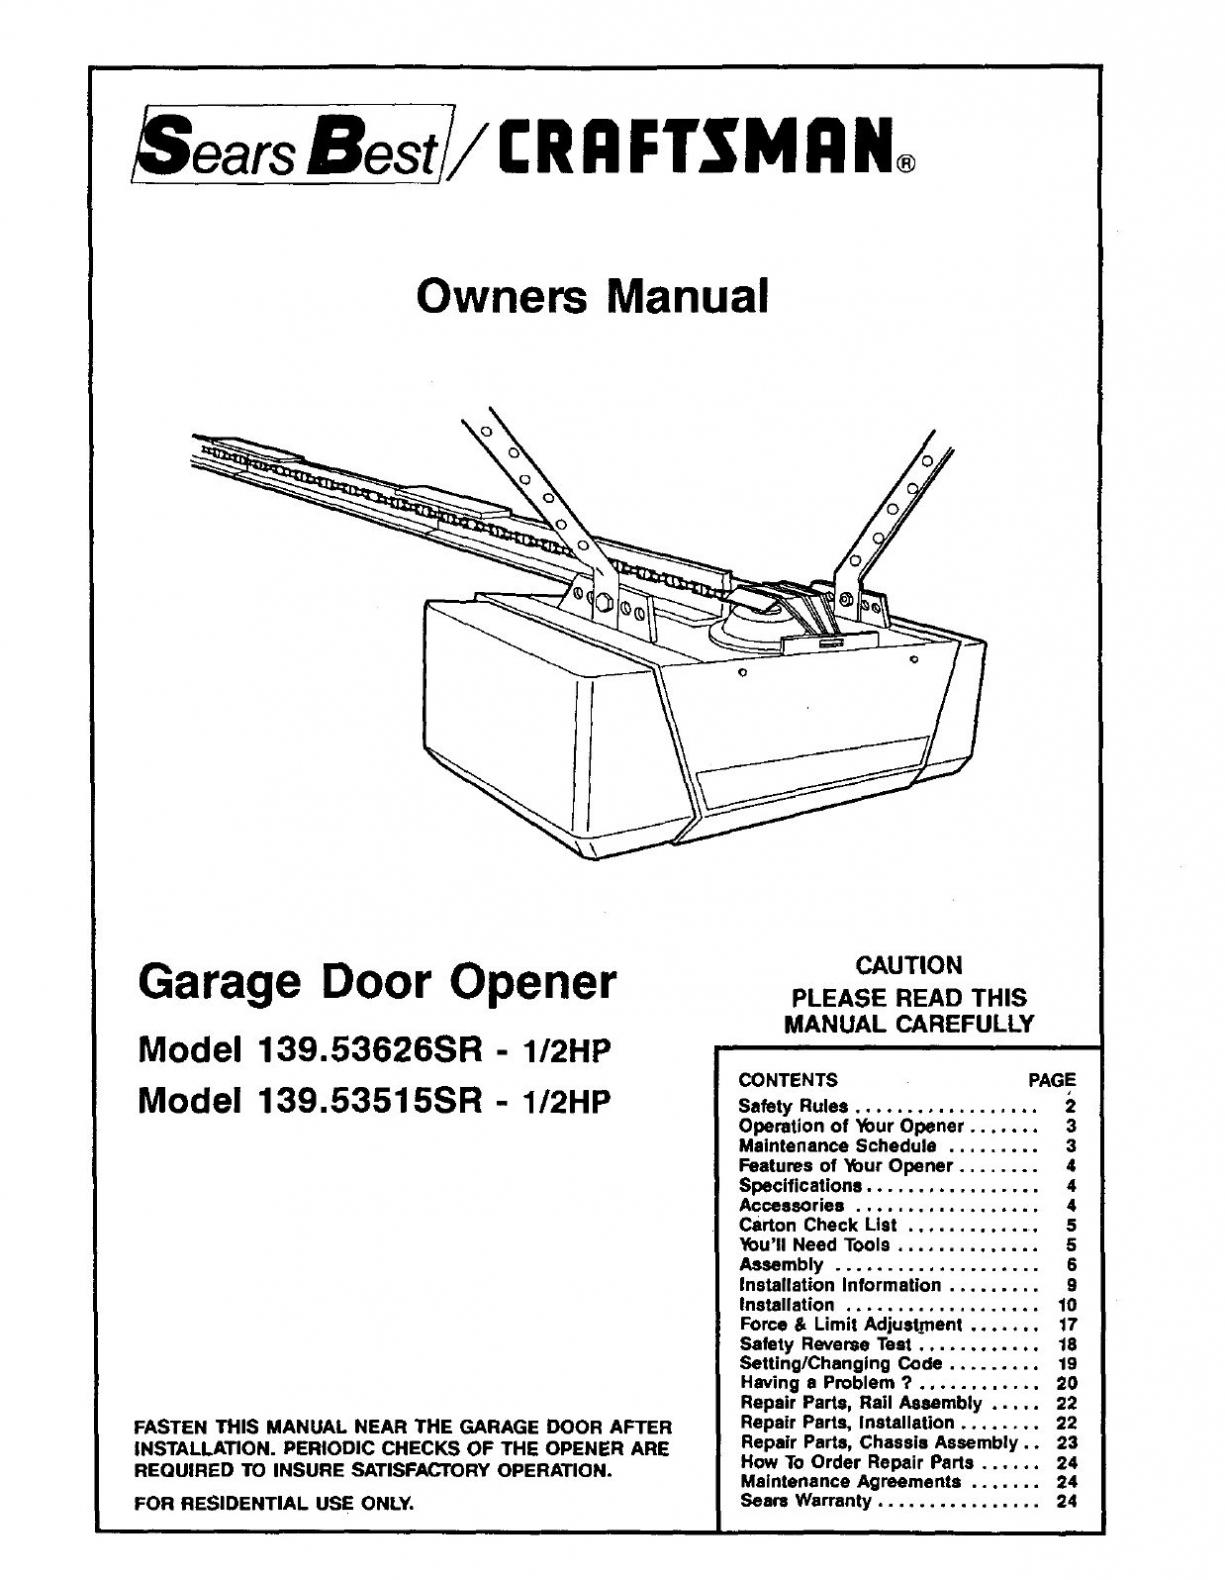 Craftsman Garage Door Opener Wiring Diagram — Daytonva150 - Craftsman Garage Door Opener Wiring Diagram